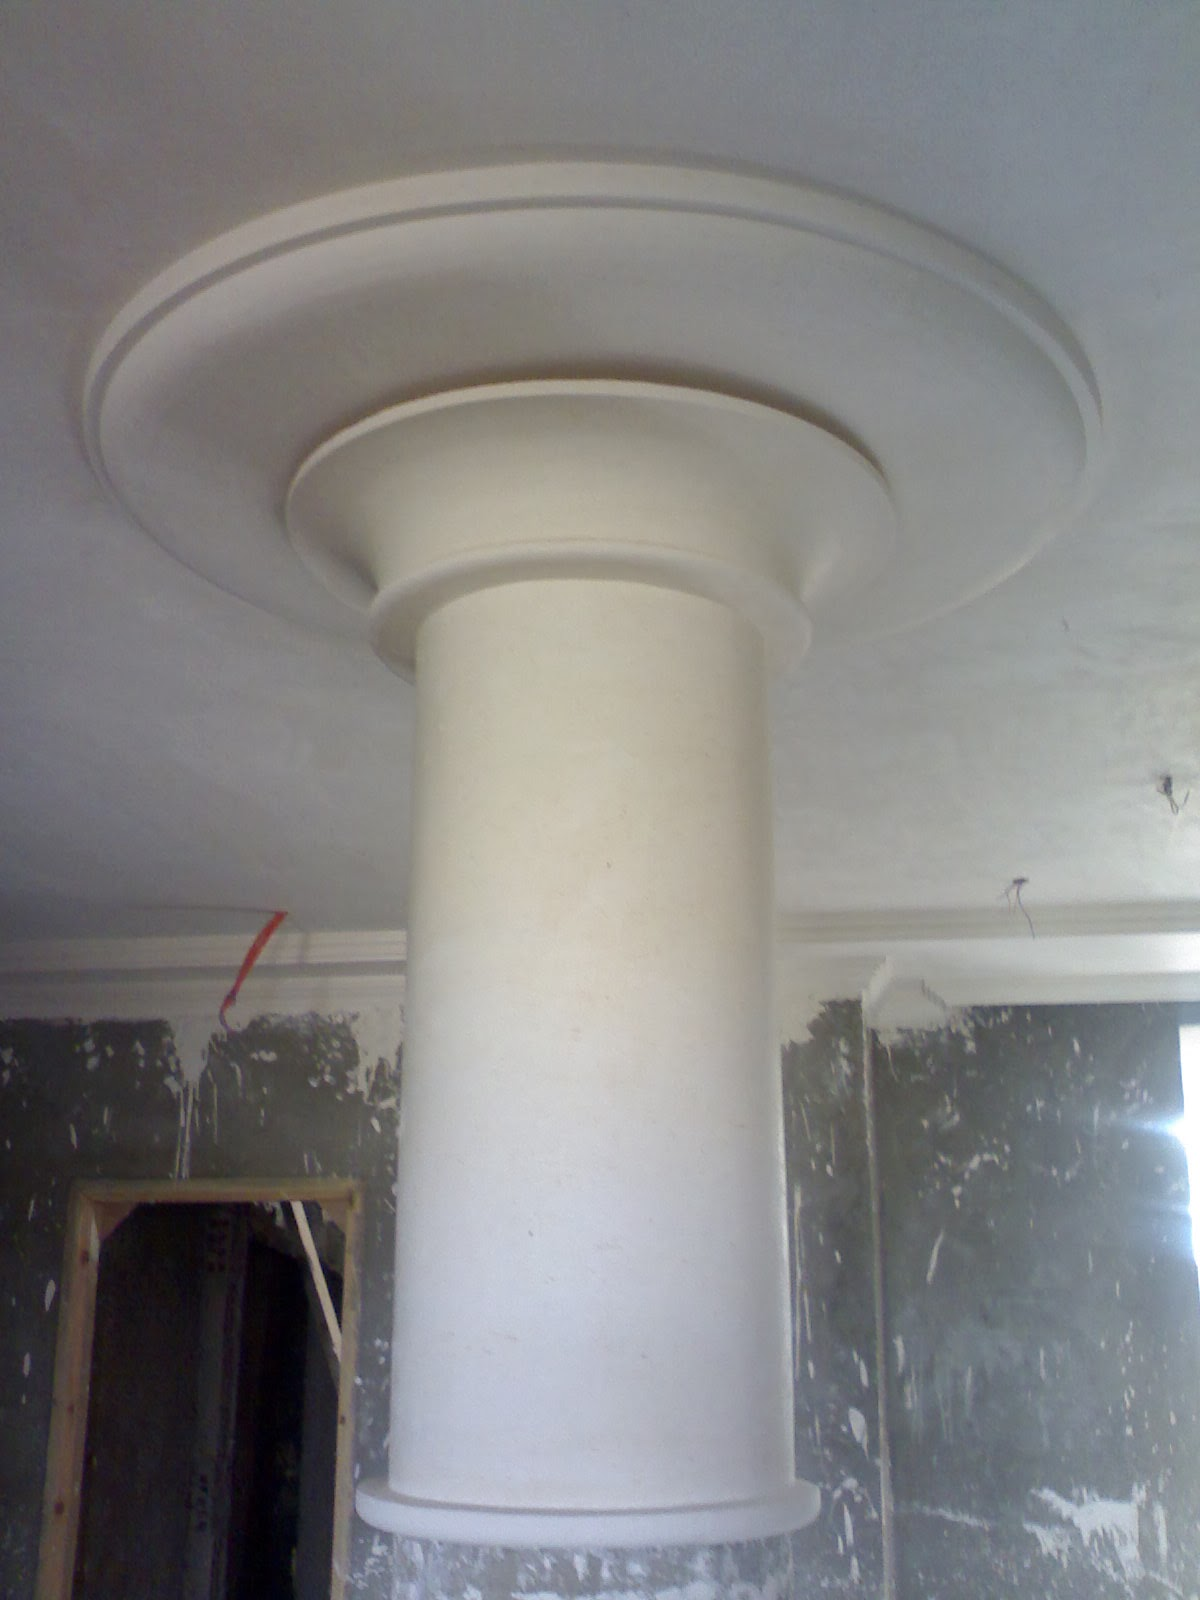 colonnes et des socles de pl tre ms timicha d coration pl tre plafond. Black Bedroom Furniture Sets. Home Design Ideas